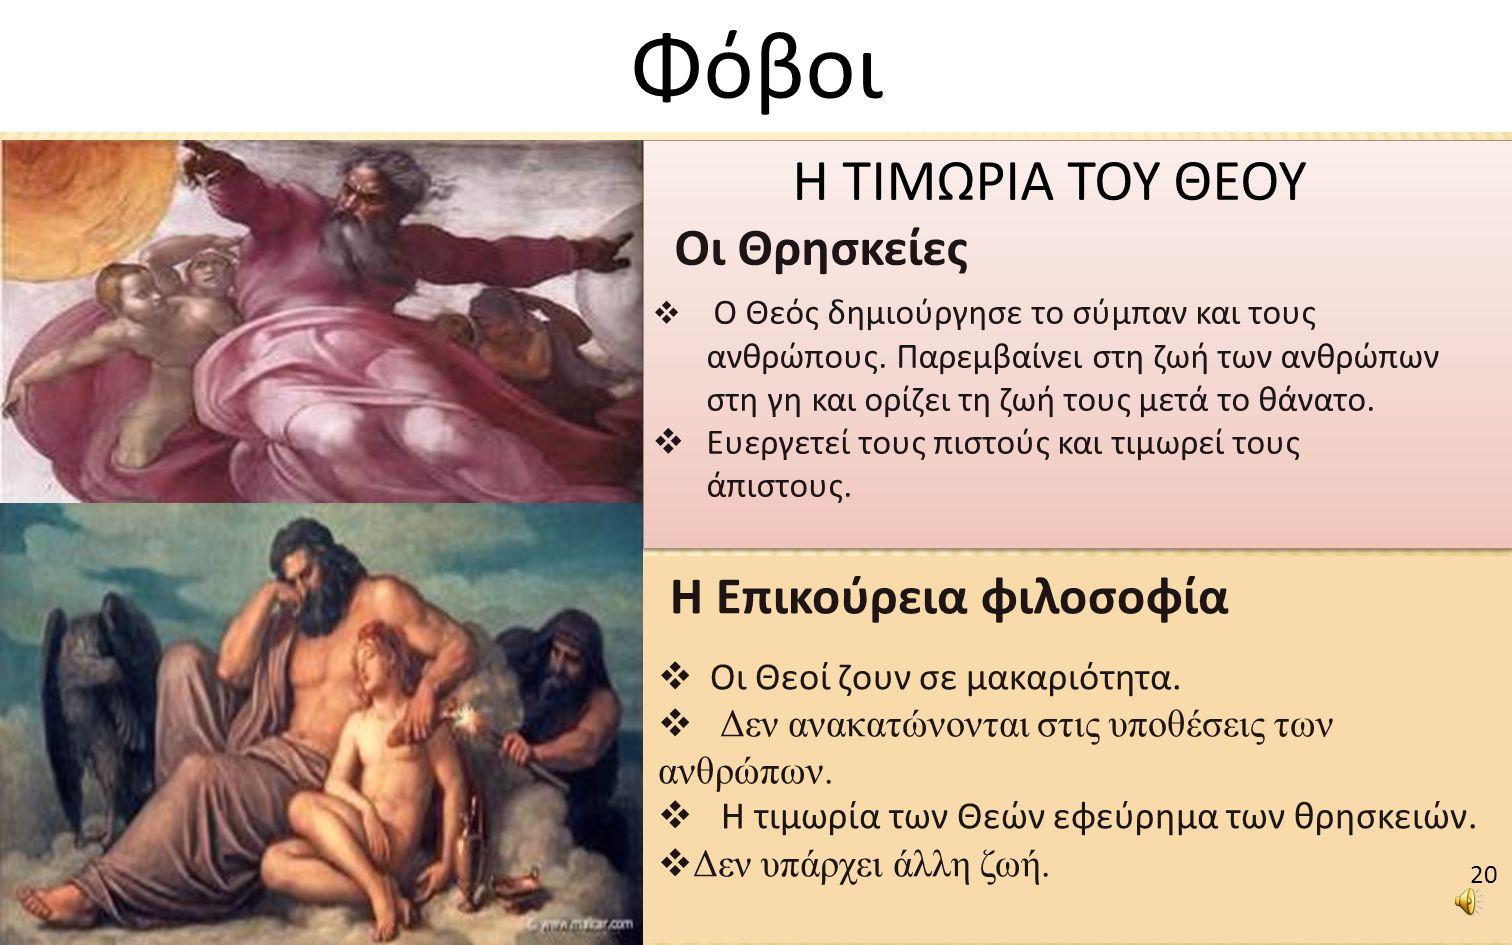 Φόβοι Η Επικούρεια φιλοσοφία  Οι Θεοί ζουν σε μακαριότητα.